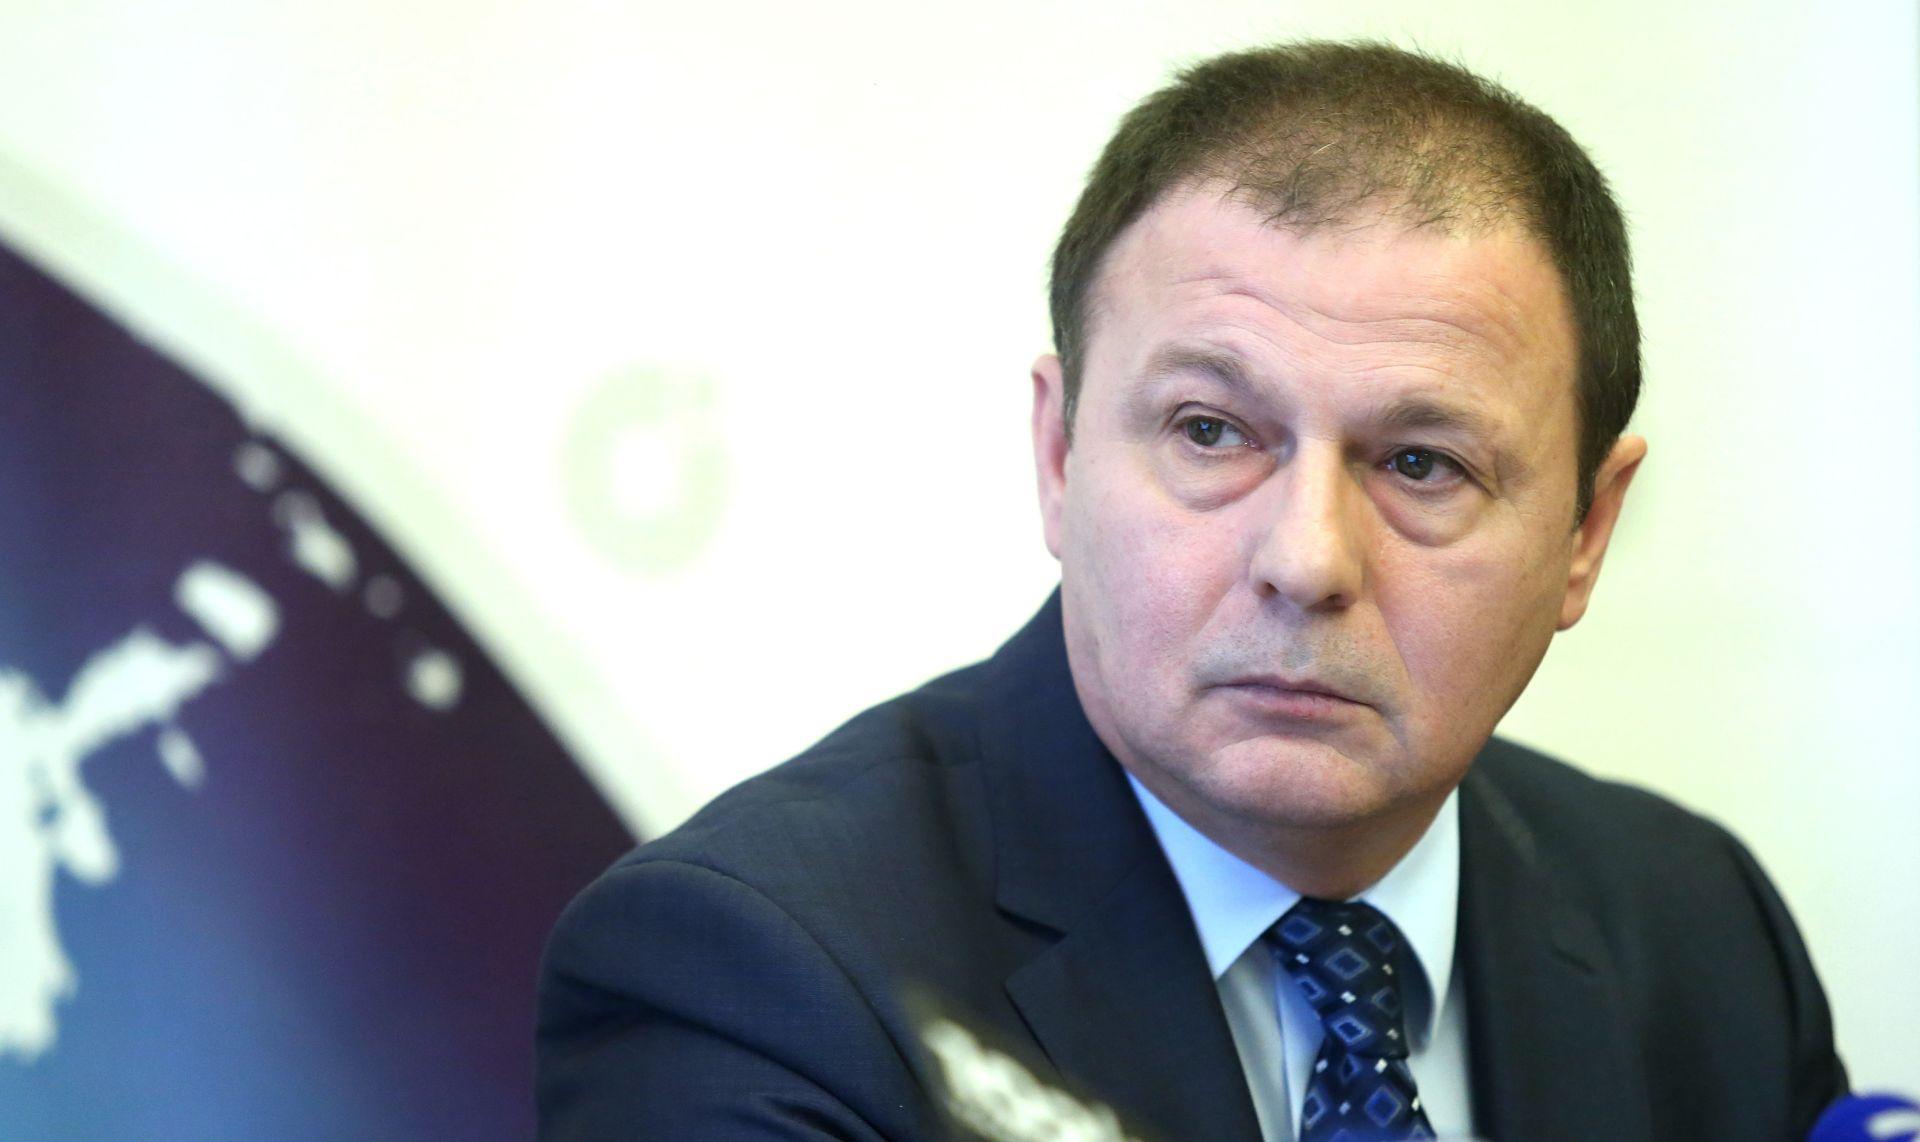 Predsjednik HOK-a Ranogajec kandidat za krapinsko-zagorskog župana